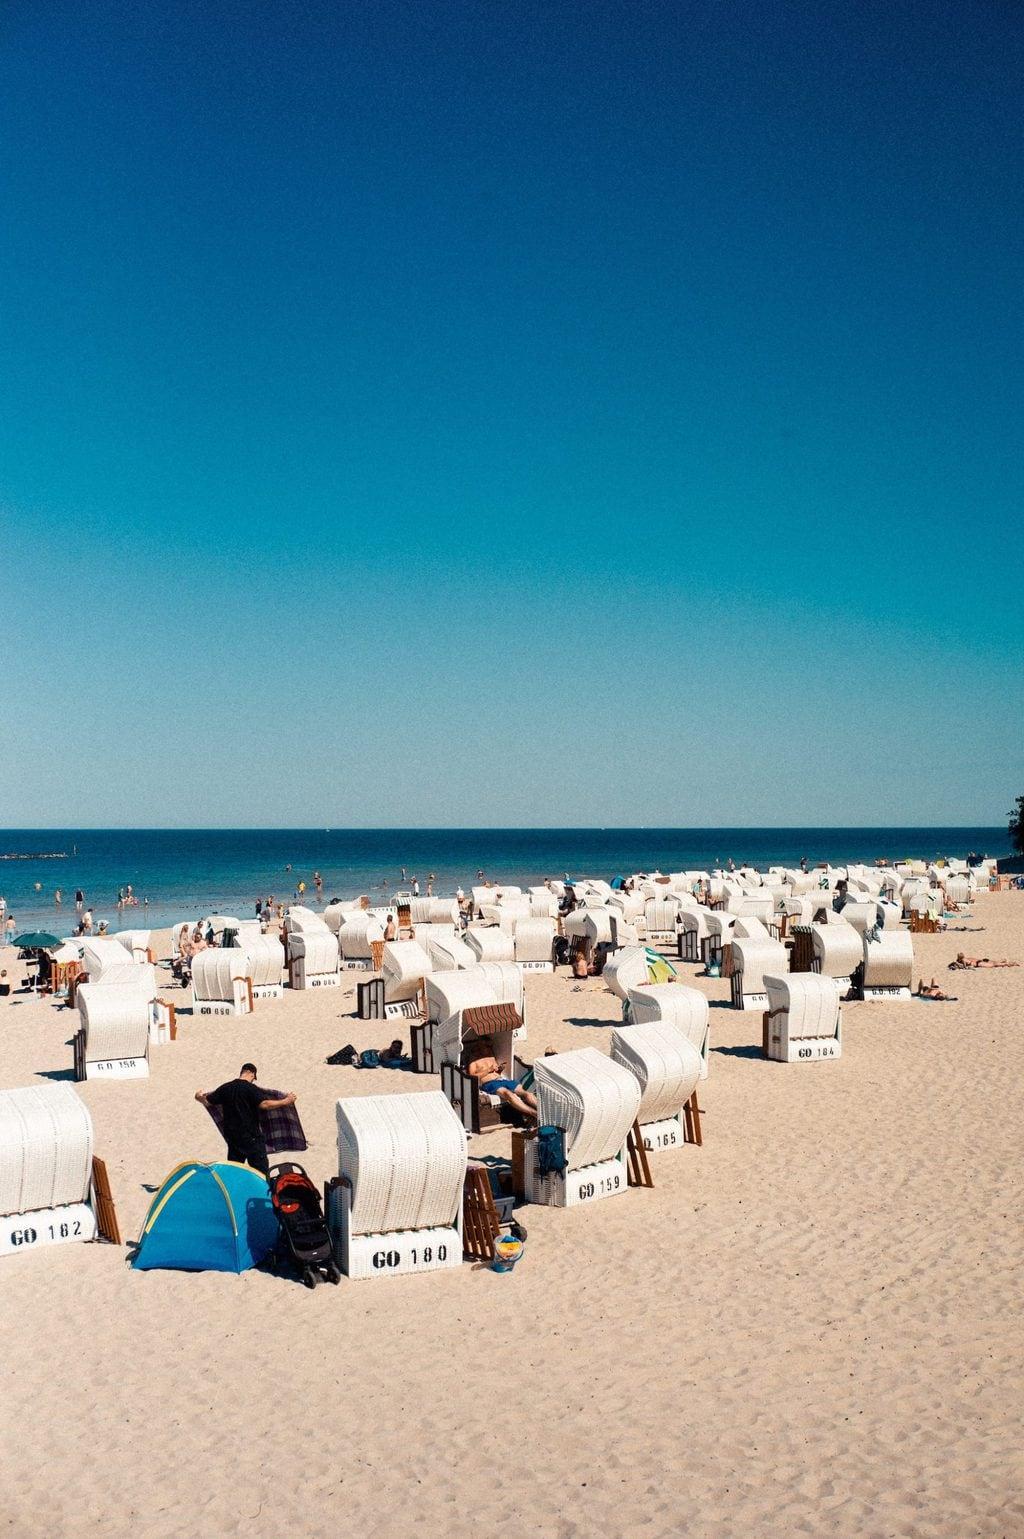 Strandkorven in Binz op het eiland Rügen